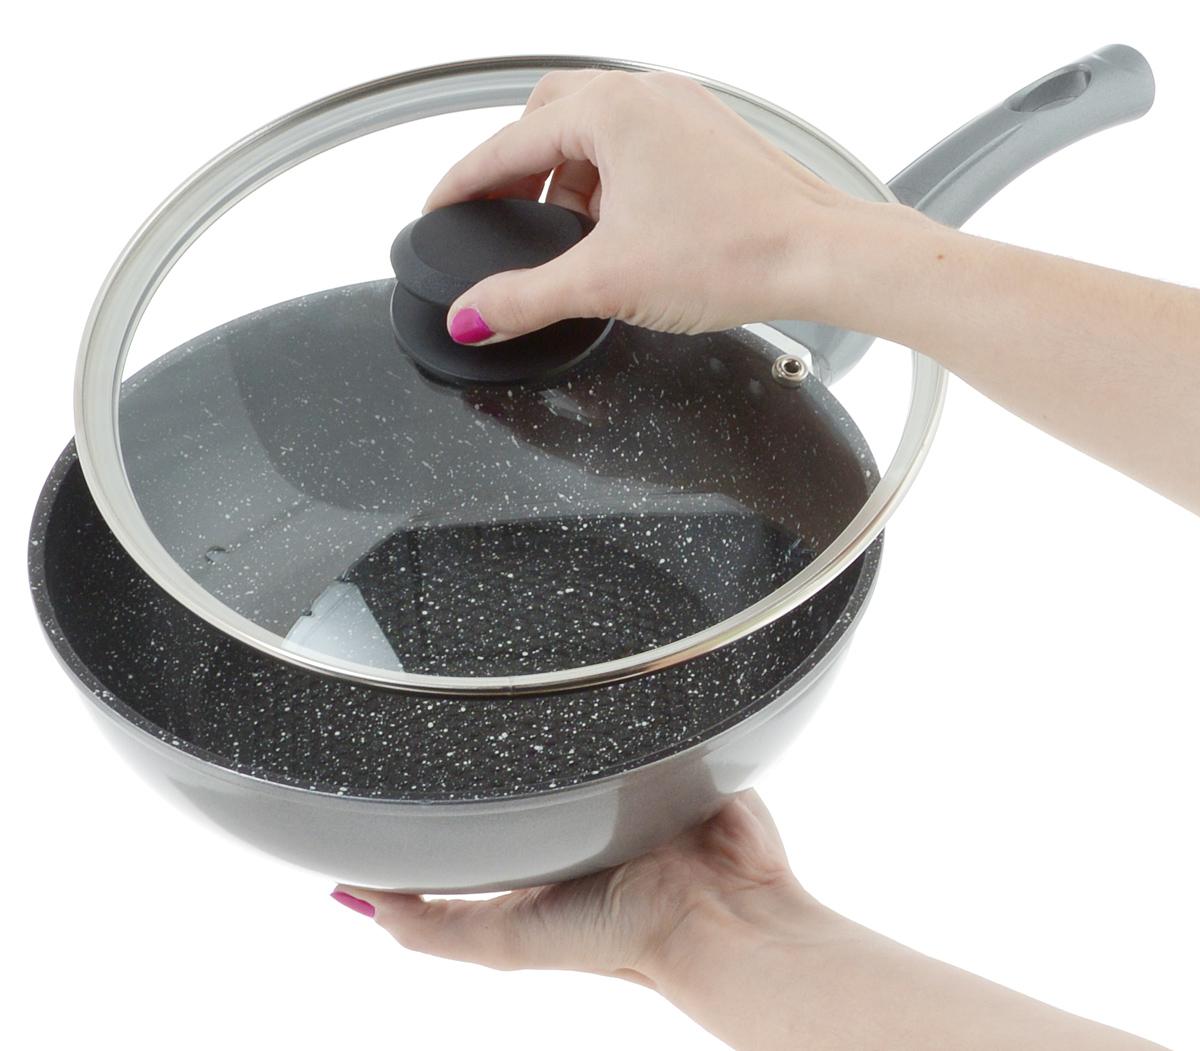 """Сковорода-вок """"Mayer & Boch"""" выполнена из литого алюминия  с антипригарным покрытием особой прочности Titanium Granit  и мраморной крошкой. Такое покрытие жаропрочное,  защищает сковороду от царапин, экологически чистое и  полностью безопасное, без вредных соединений и примесей.  Благодаря высокой теплопроводности алюминия, посуда  распределяет тепло по всей поверхности, экономя время и  энергию. Рифленое дно позволяет готовить с минимальным  количеством масла или без него. Эргономичная ручка,  выполненная из бакелита, не нагревается и не скользит, а  крышка из жаропрочного стекла с отверстием для вывода  пара позволит следить за процессом приготовления еды.   Подходит для всех типов плит, включая индукционных. Можно  мыть в посудомоечной машине.   Диаметр сковороды: 24 см. Высота стенки: 7 см.  Длина ручки: 18,8 см."""